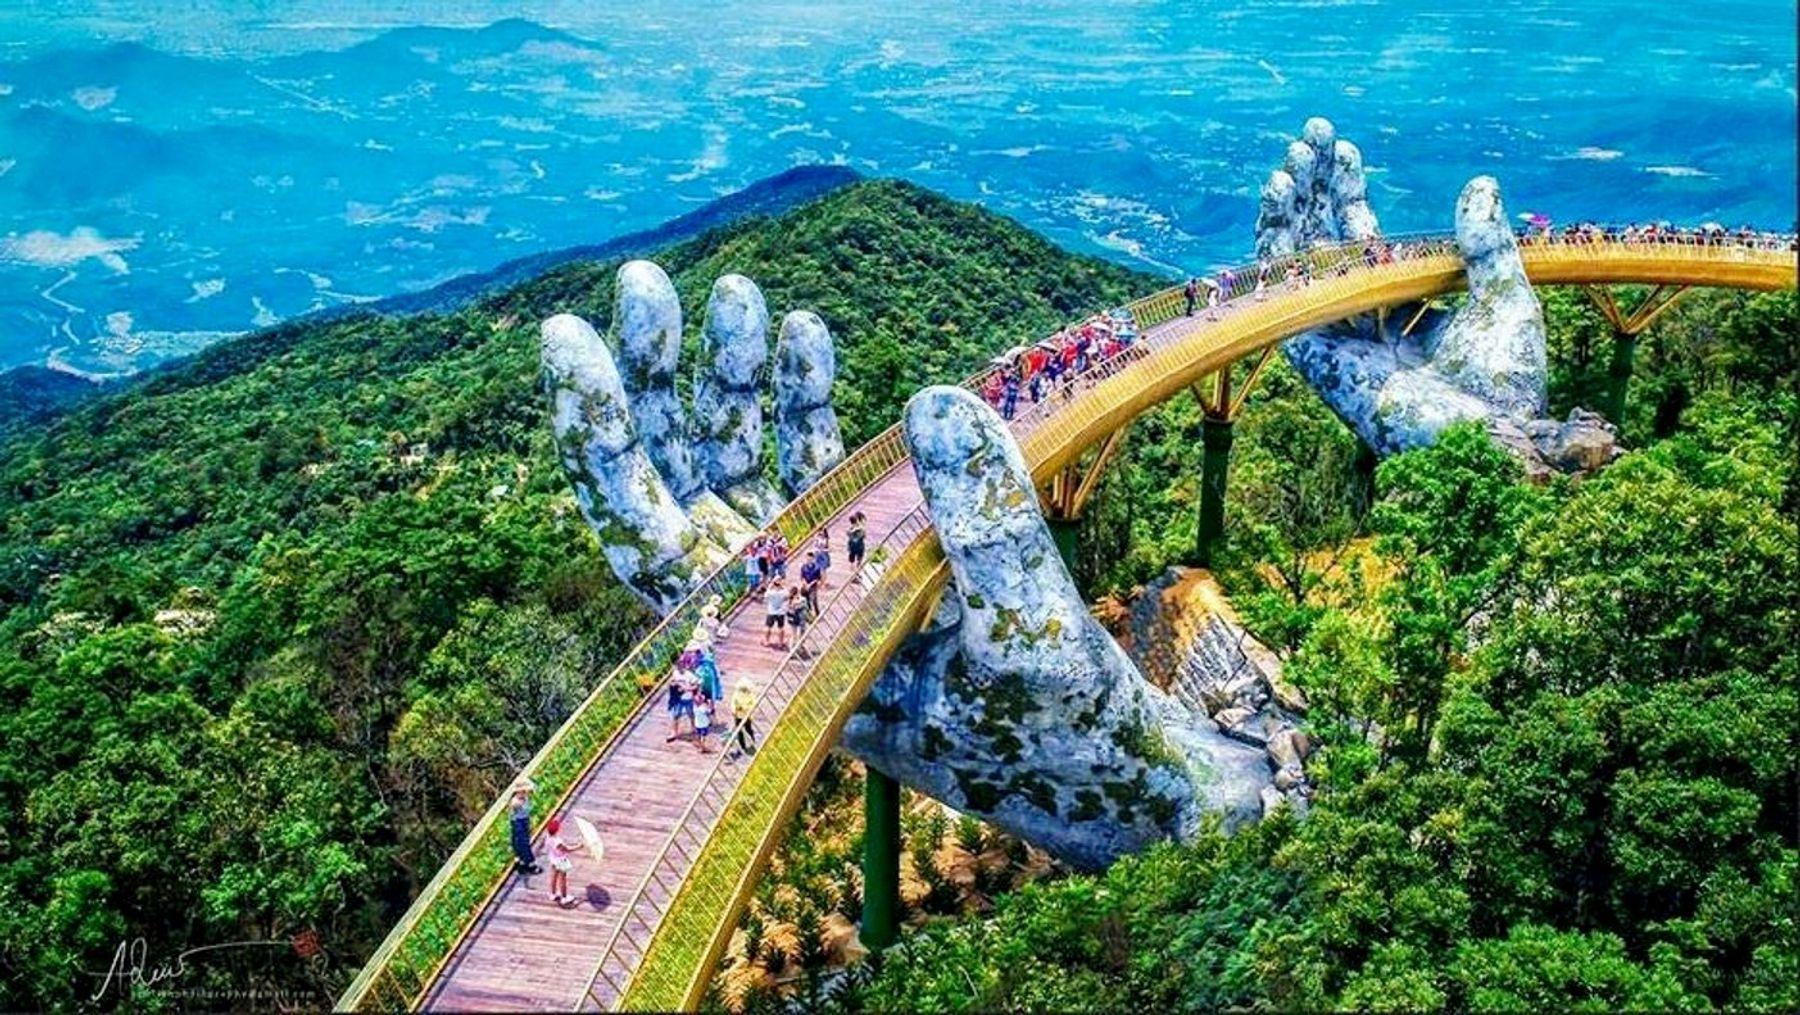 Du lịch tết Nguyên Đán tại Đà Nẵng